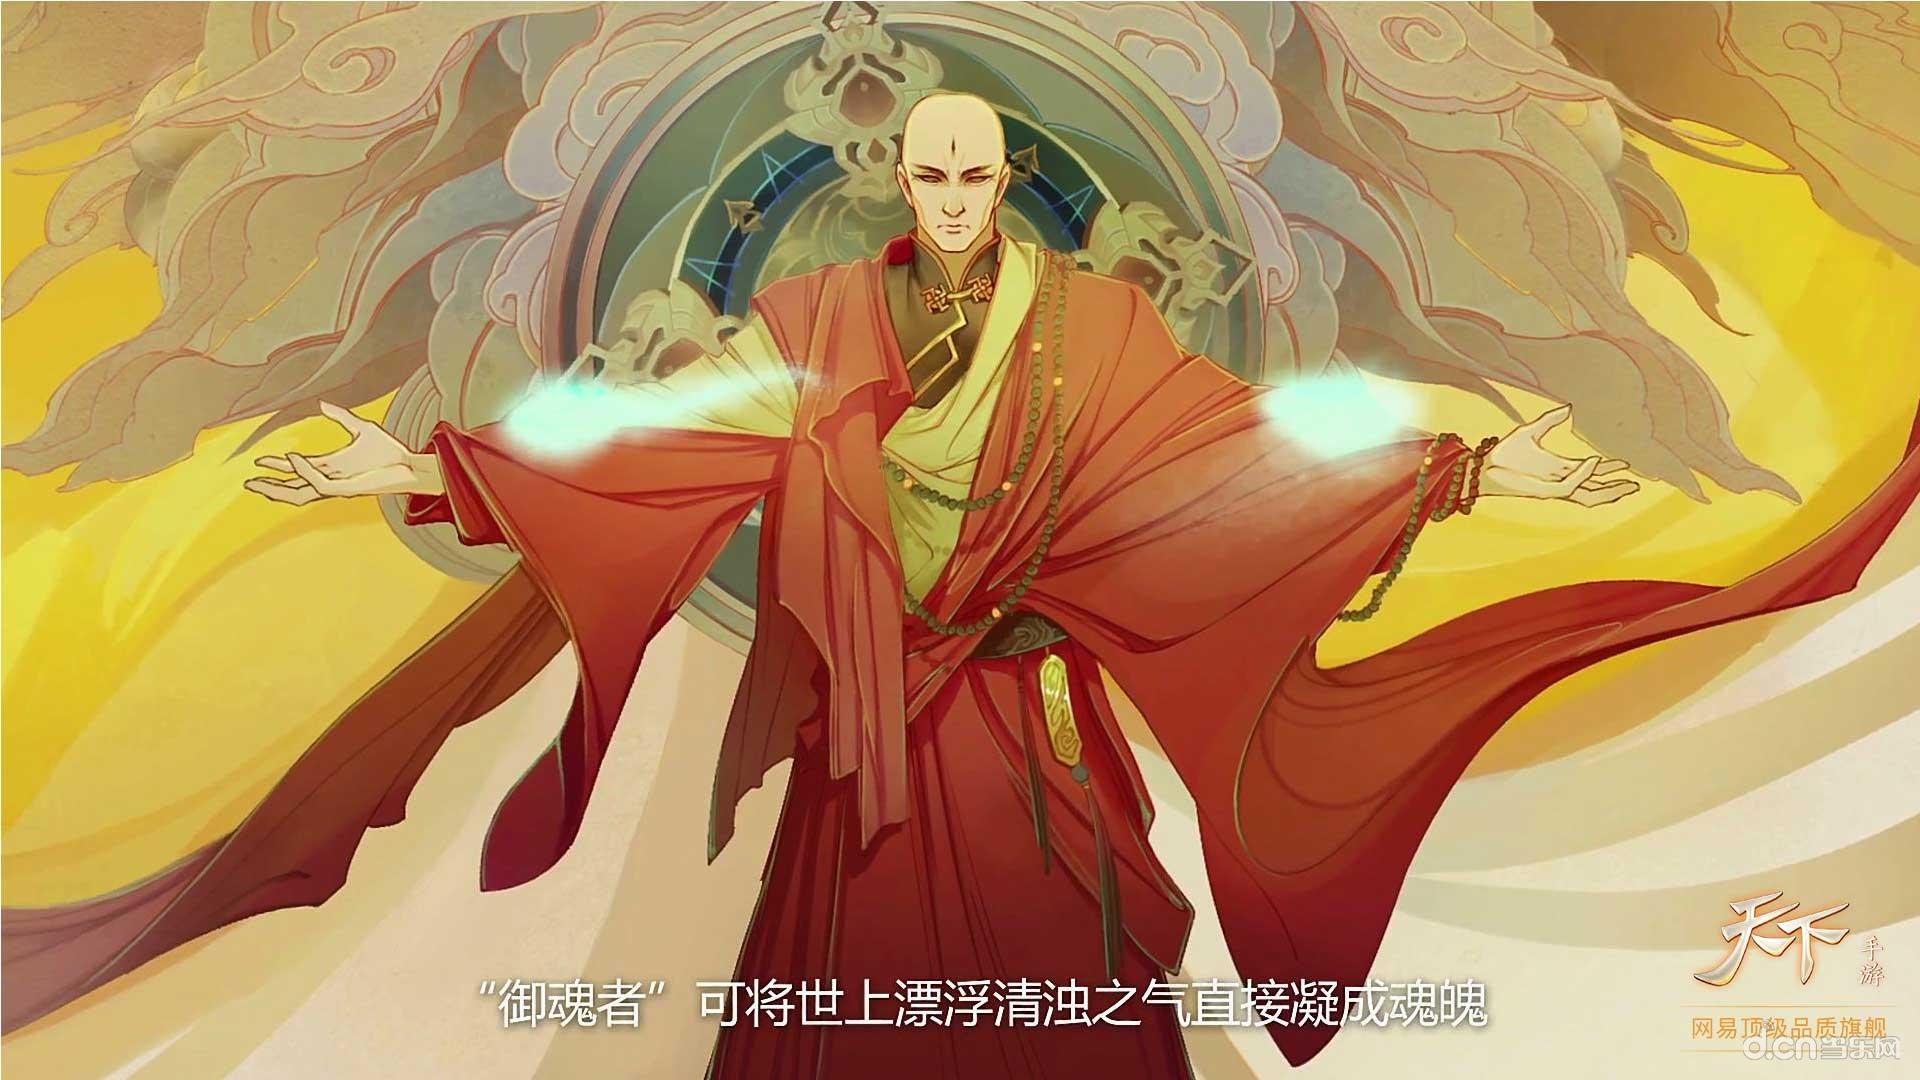 天下手游9月29日全平台上线,伏羲往事动态漫画今日首曝